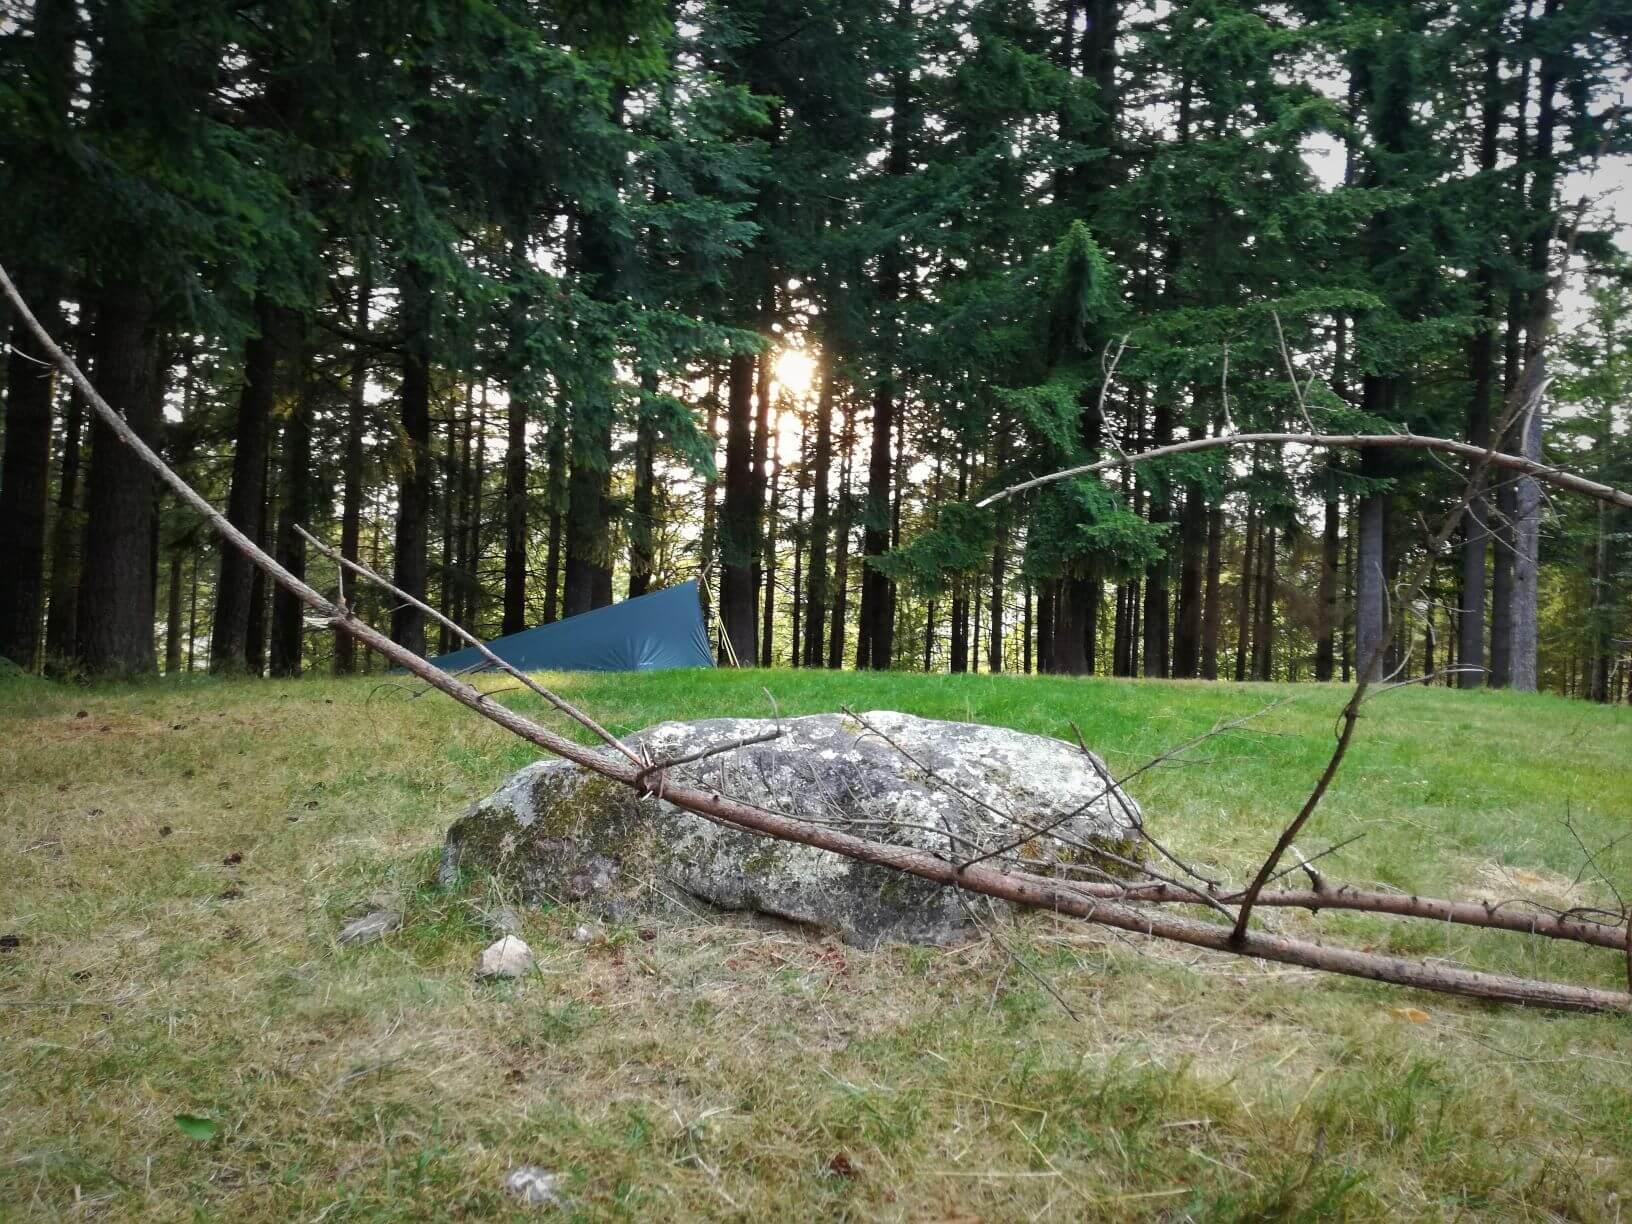 Übernachtung im Tarp im Wald mit Familie